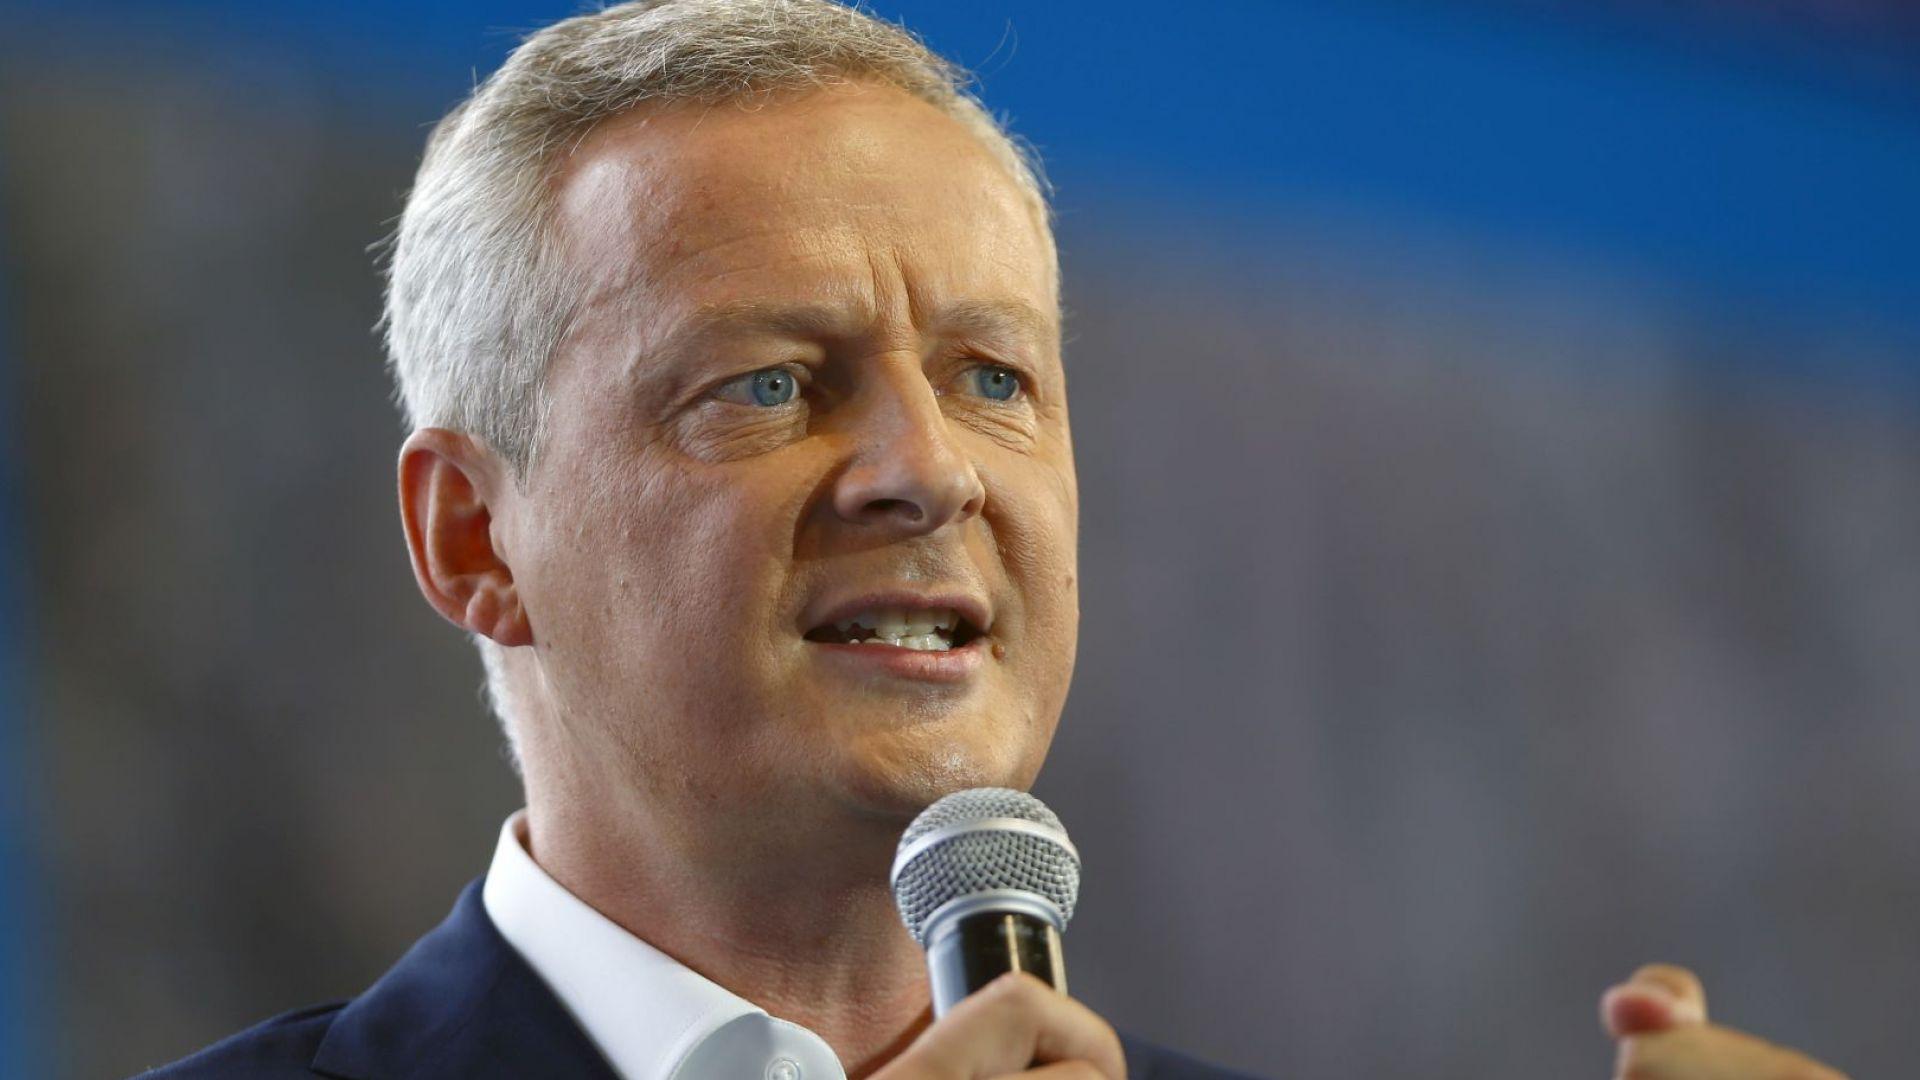 Франция към САЩ: Да не решаваме споровете чрез заплахи